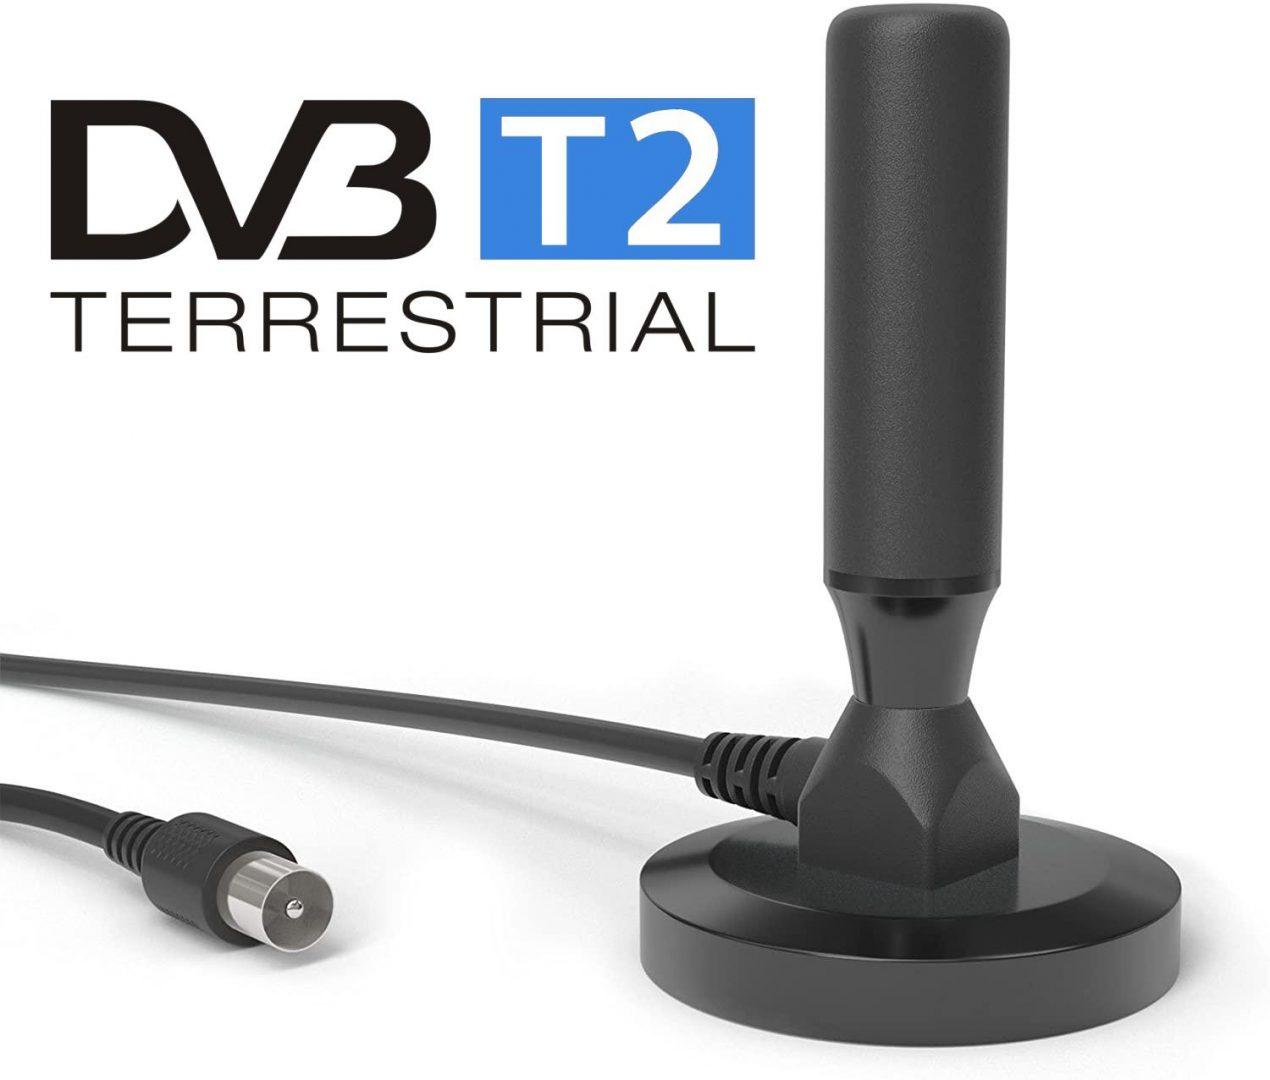 DVB ve DVB-T2 Nedir